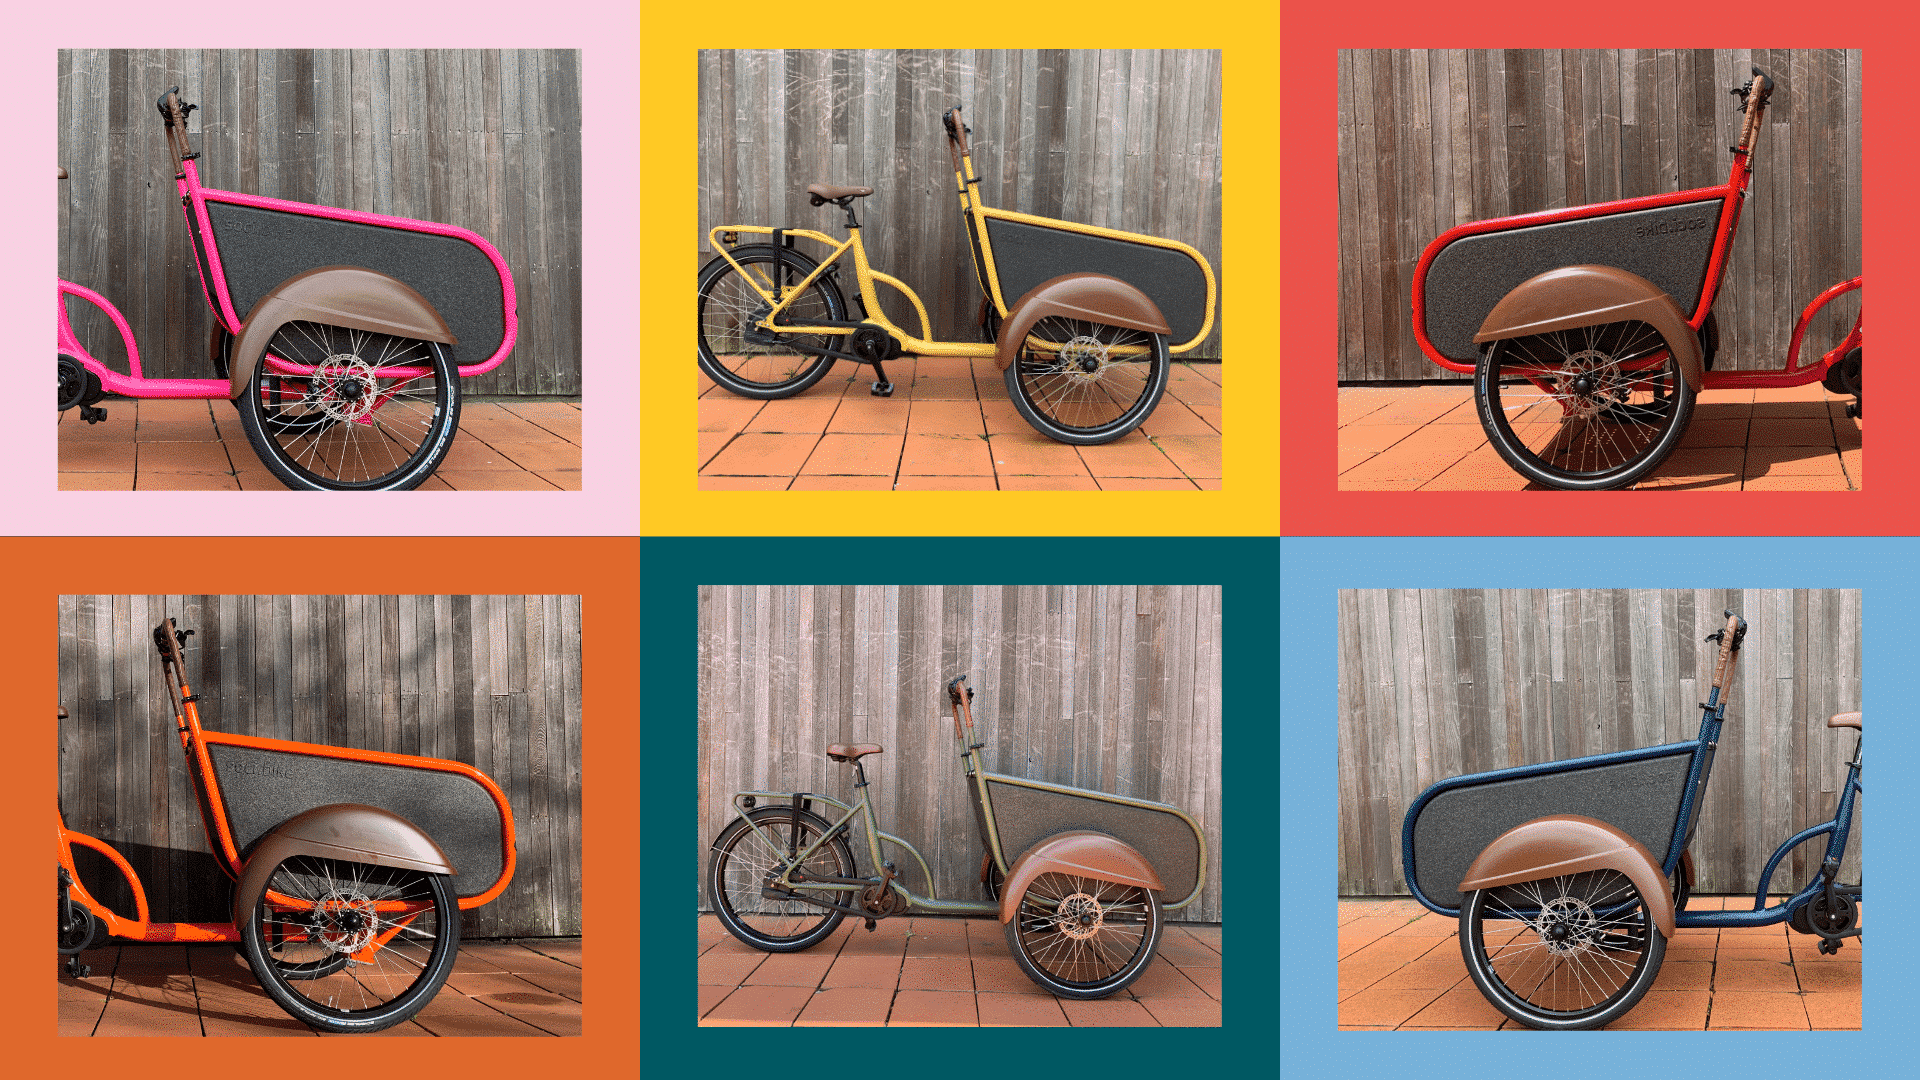 soci.bike de invloed van kleur